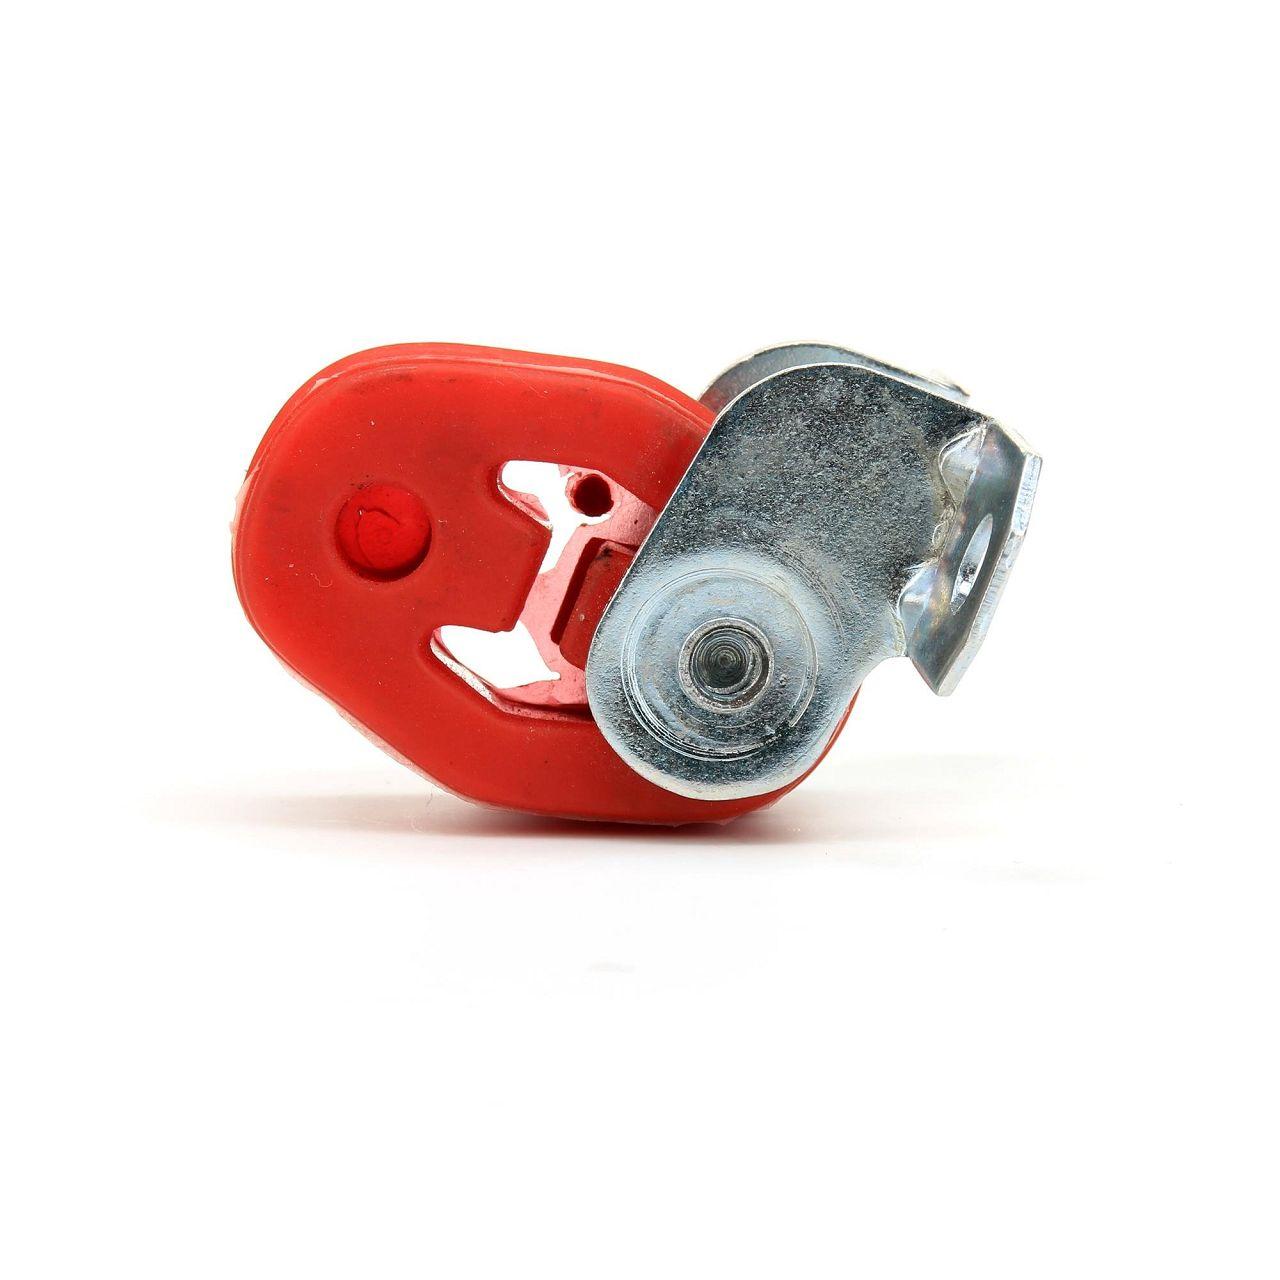 Halter Auspuff Schalldämpferhalter Aufhängung VW Polo 9N 1.4 FSI 6Q0253144